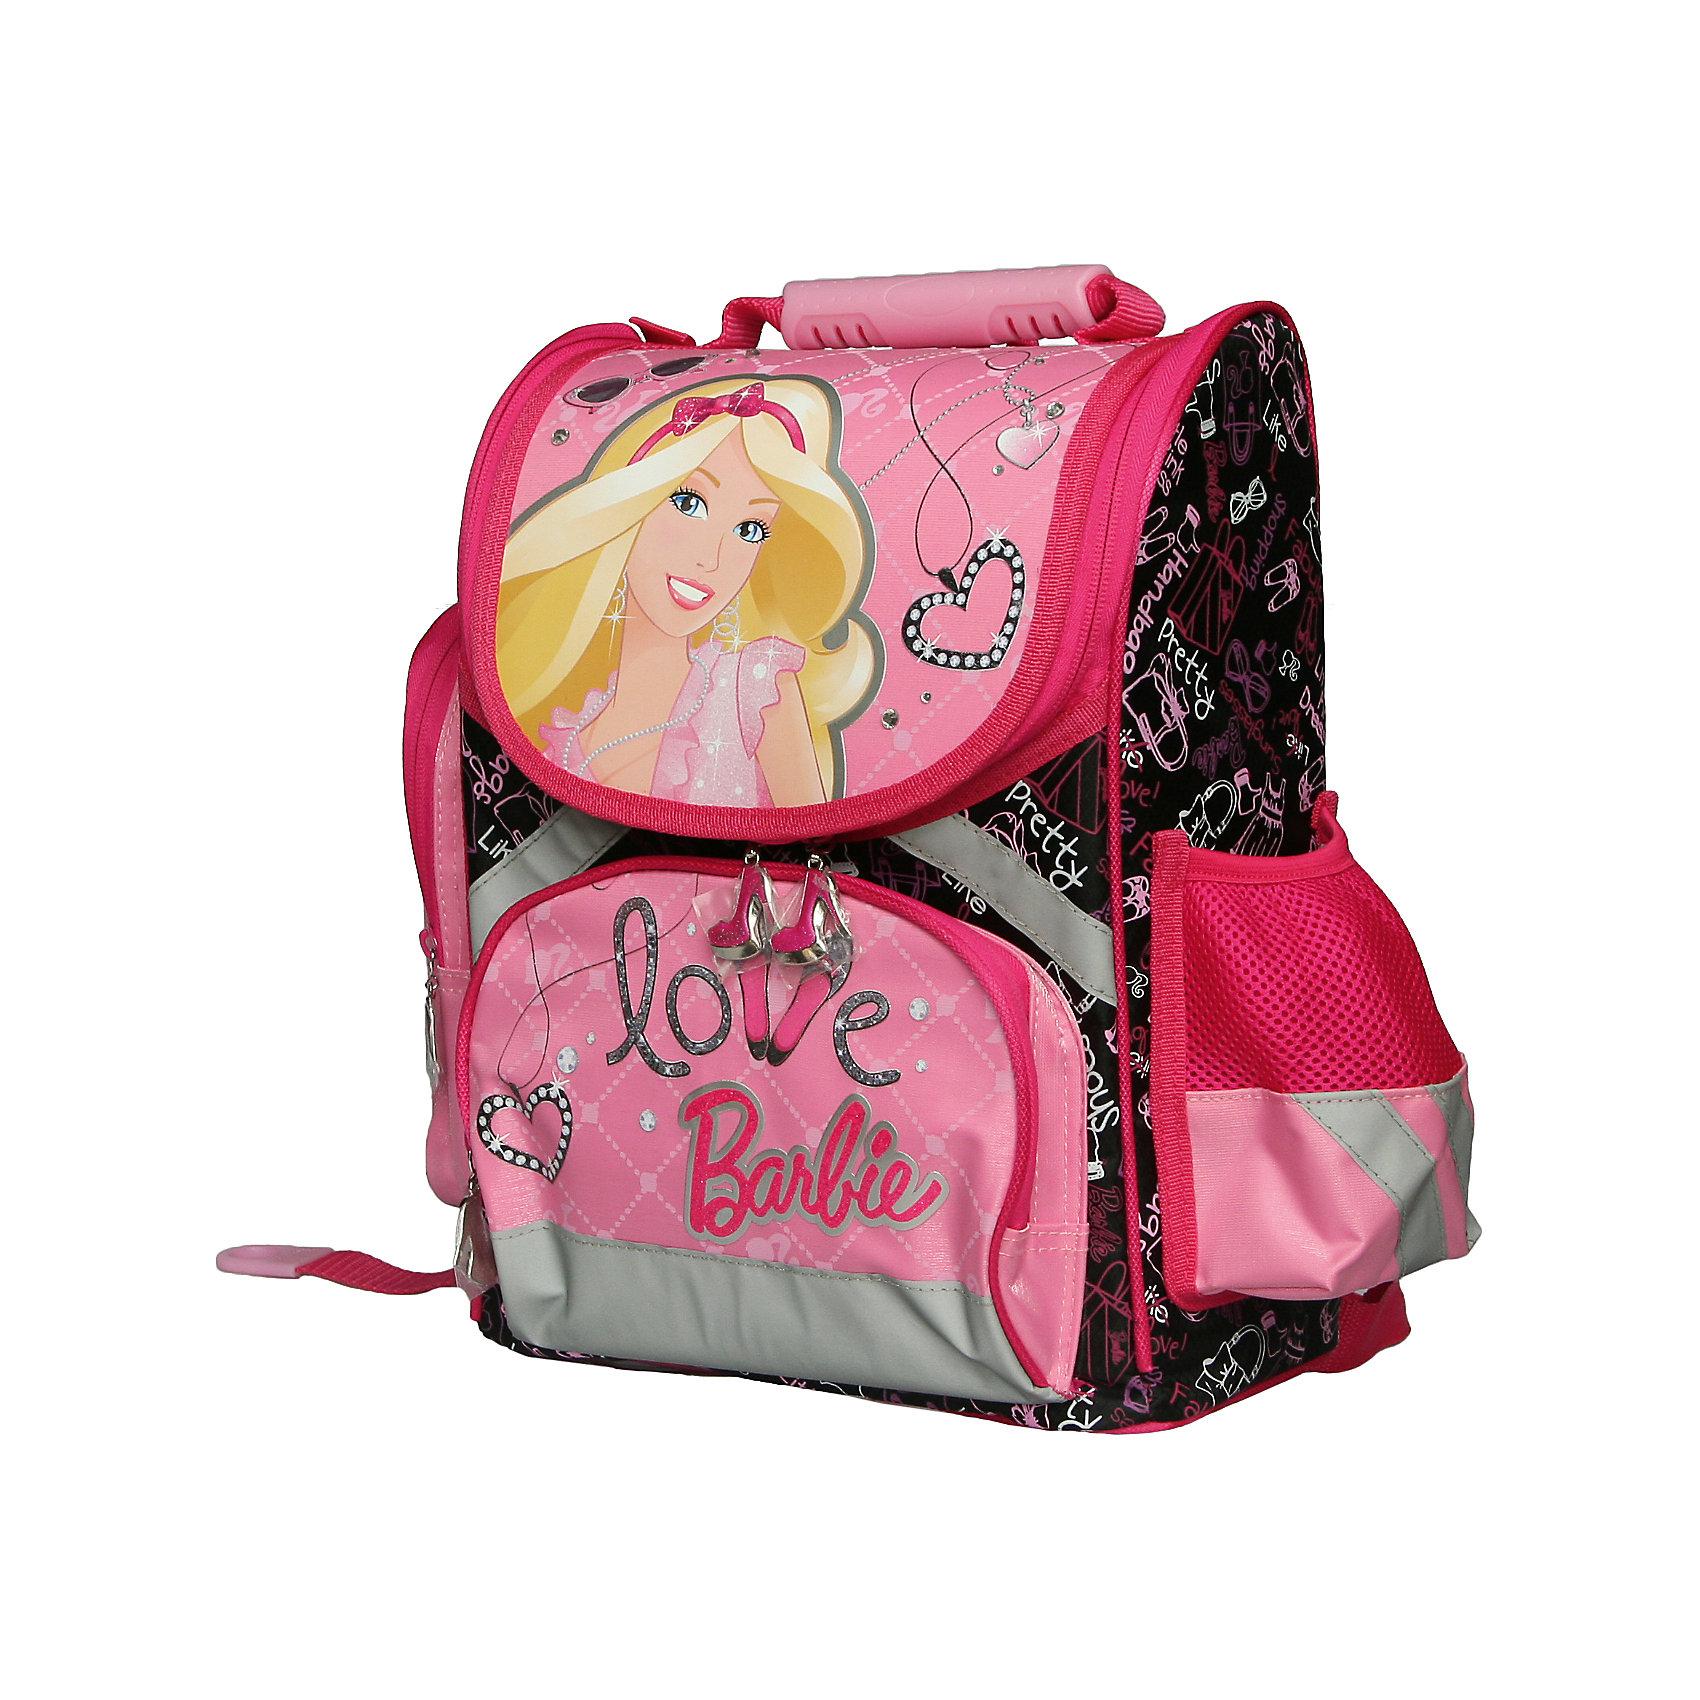 Школьный усиленный рюкзак BarbieОртопедический рюкзак. Barbie Ранец школьный с жесткой спинкой от любимого бренда Barbie.<br>У ранца : большое отделение на застежке -молнии в виде стильной туфельки, маленькое на молнии, спинка - толстый поролон, по бокам два кармана. Ранец очень устойчивый и хорошо держит форму.<br><br>Дополнительная информация:<br><br>Размер: 37х30х16,5 см<br>Вес: 1,095 кг<br><br>Рюкзак Barbie можно купить в нашем магазине.<br><br>Ширина мм: 330<br>Глубина мм: 250<br>Высота мм: 130<br>Вес г: 1030<br>Возраст от месяцев: 84<br>Возраст до месяцев: 144<br>Пол: Женский<br>Возраст: Детский<br>SKU: 3178602